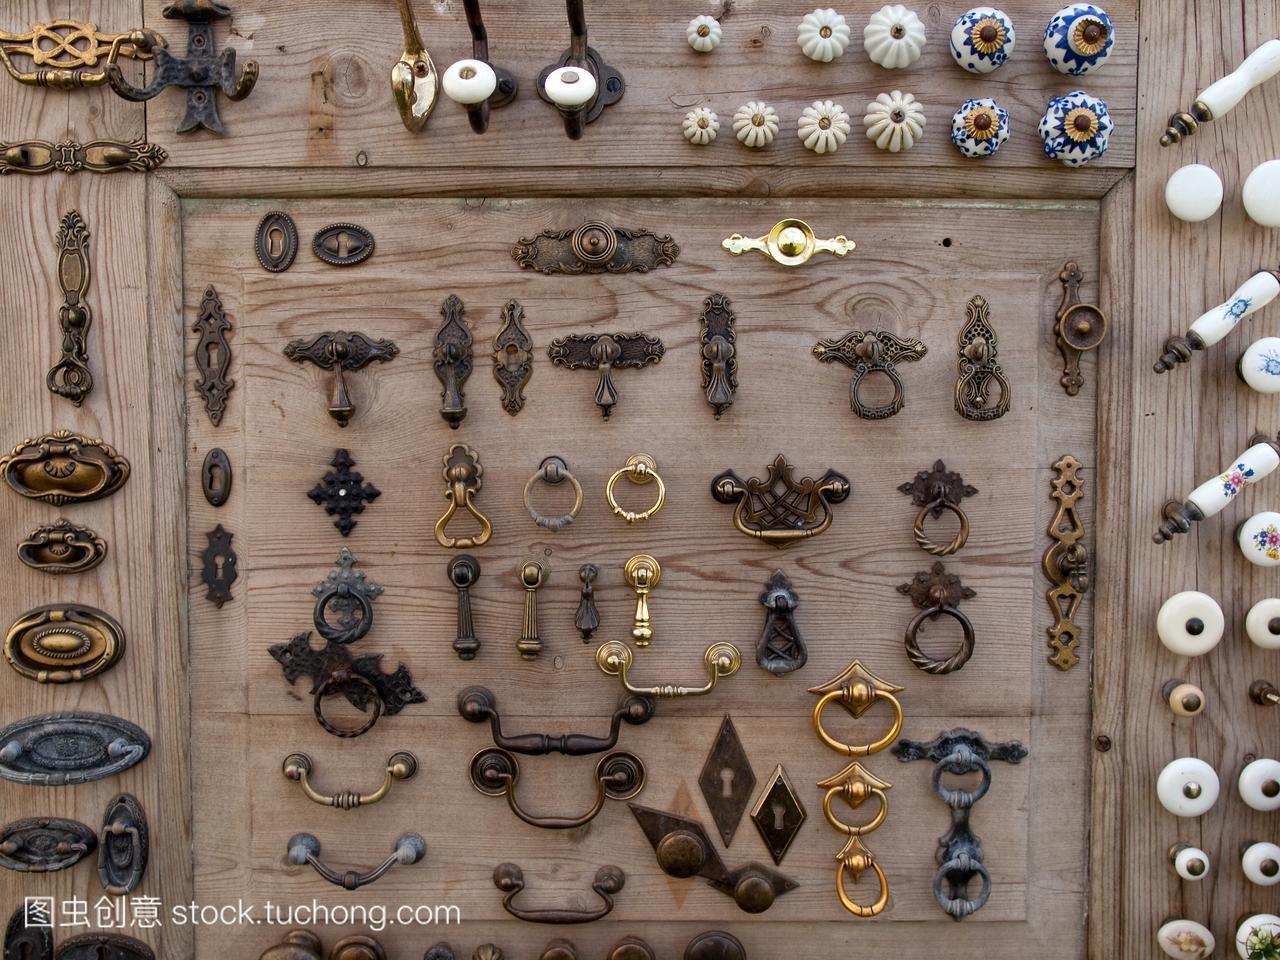 近景图象,要求,设计,装潢,熨斗,部分,销售,铁,平面蒸汽设计师岗位职责和装饰图片